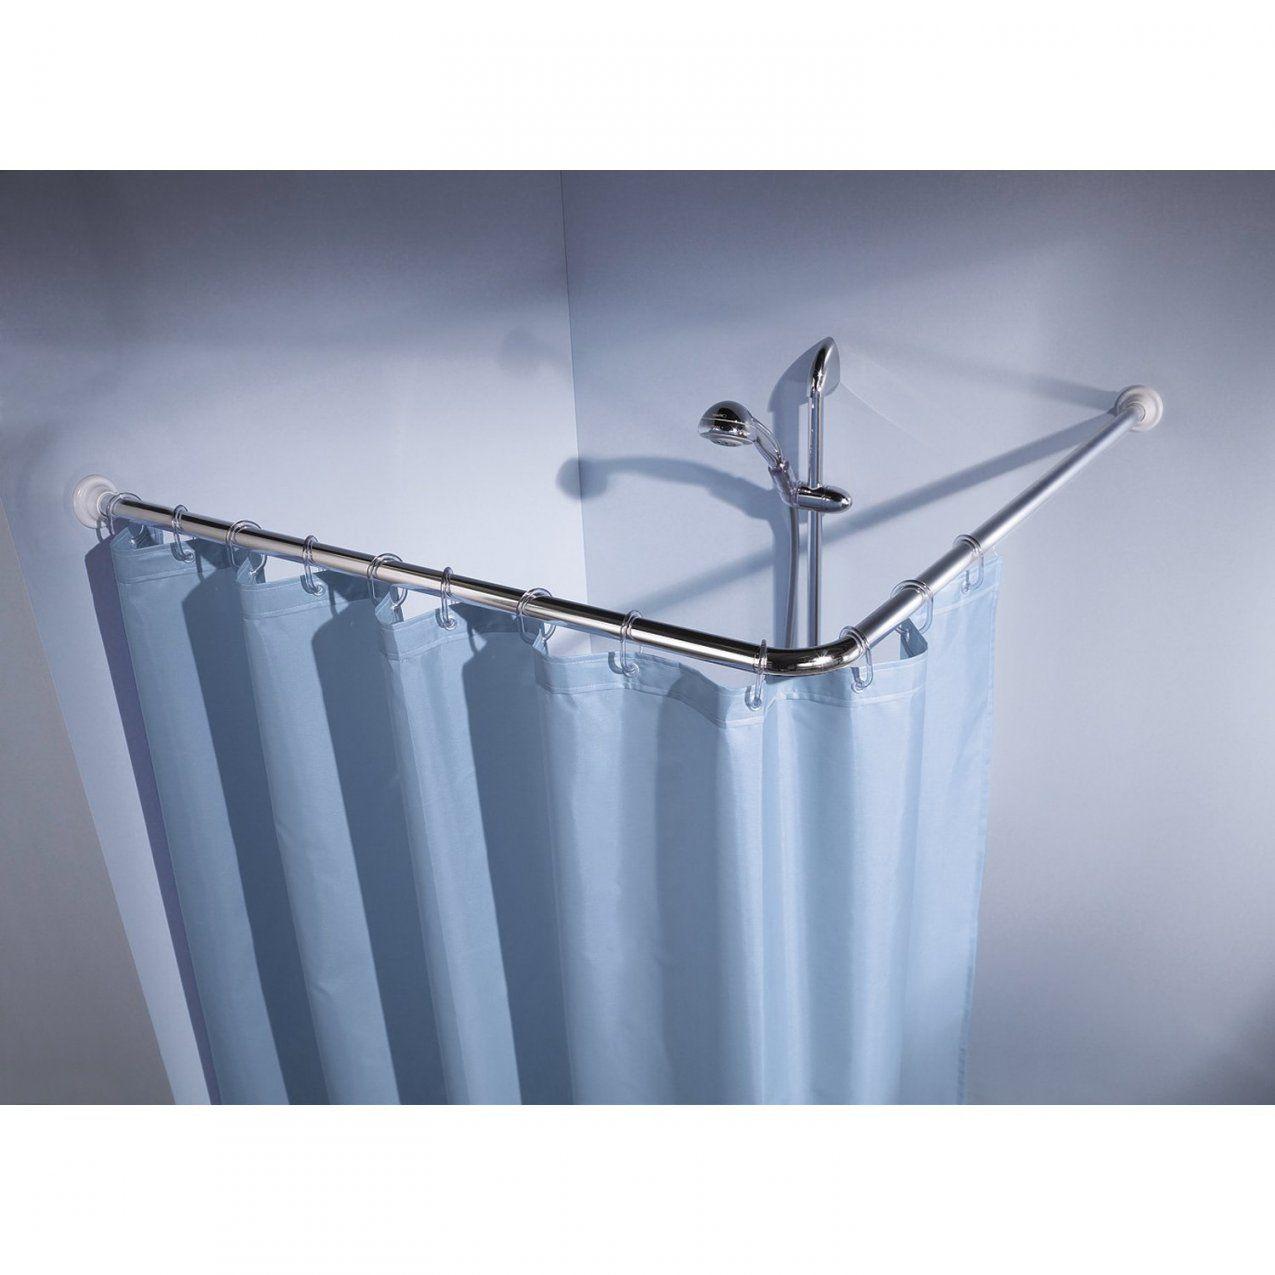 Duschstange Online Kaufen Bei Obi von Duschstange Für Badewanne Ohne Bohren Bild